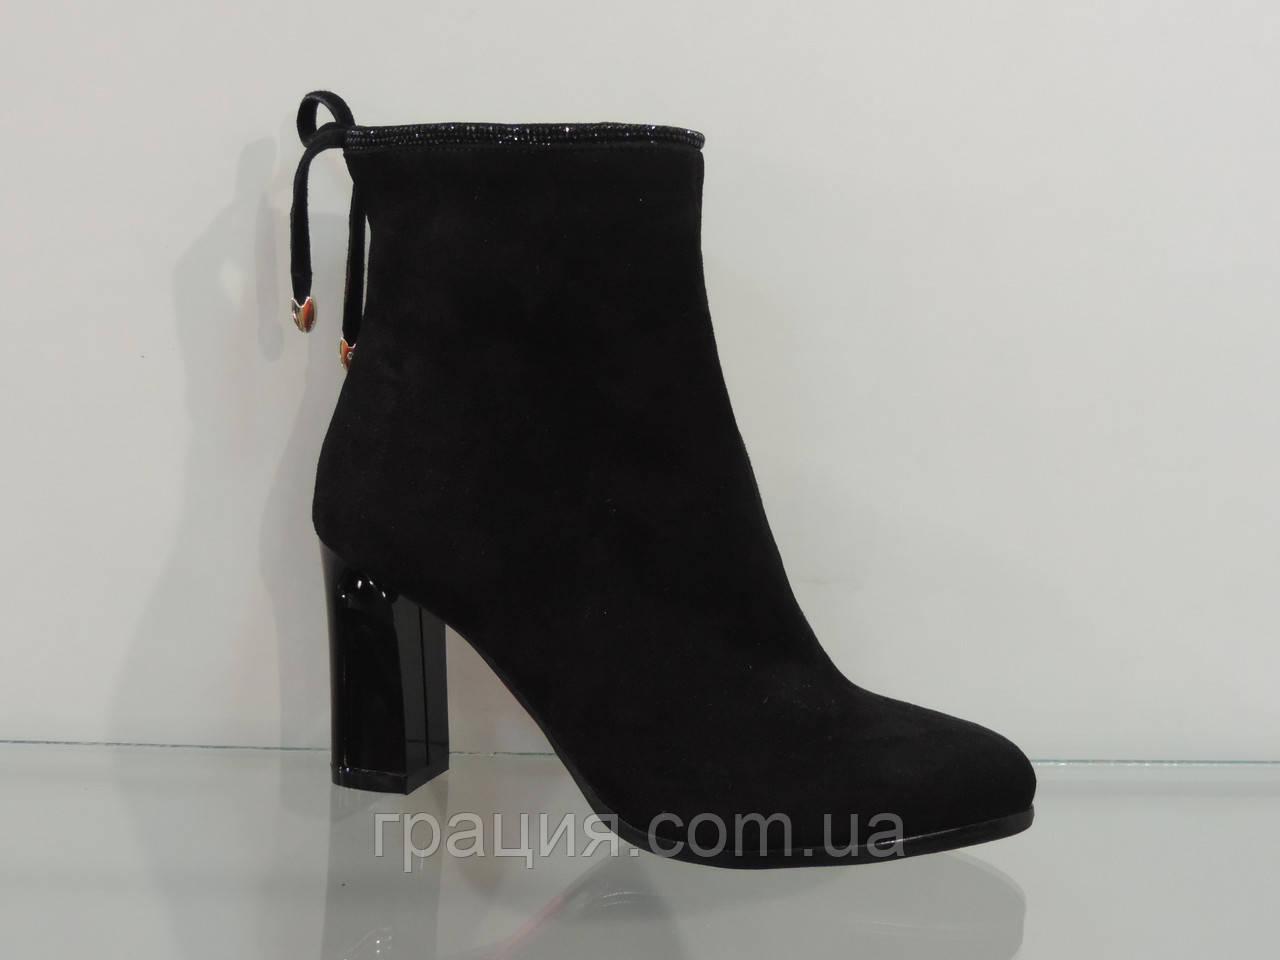 Модні жіночі замшеві черевики на підборах чорні